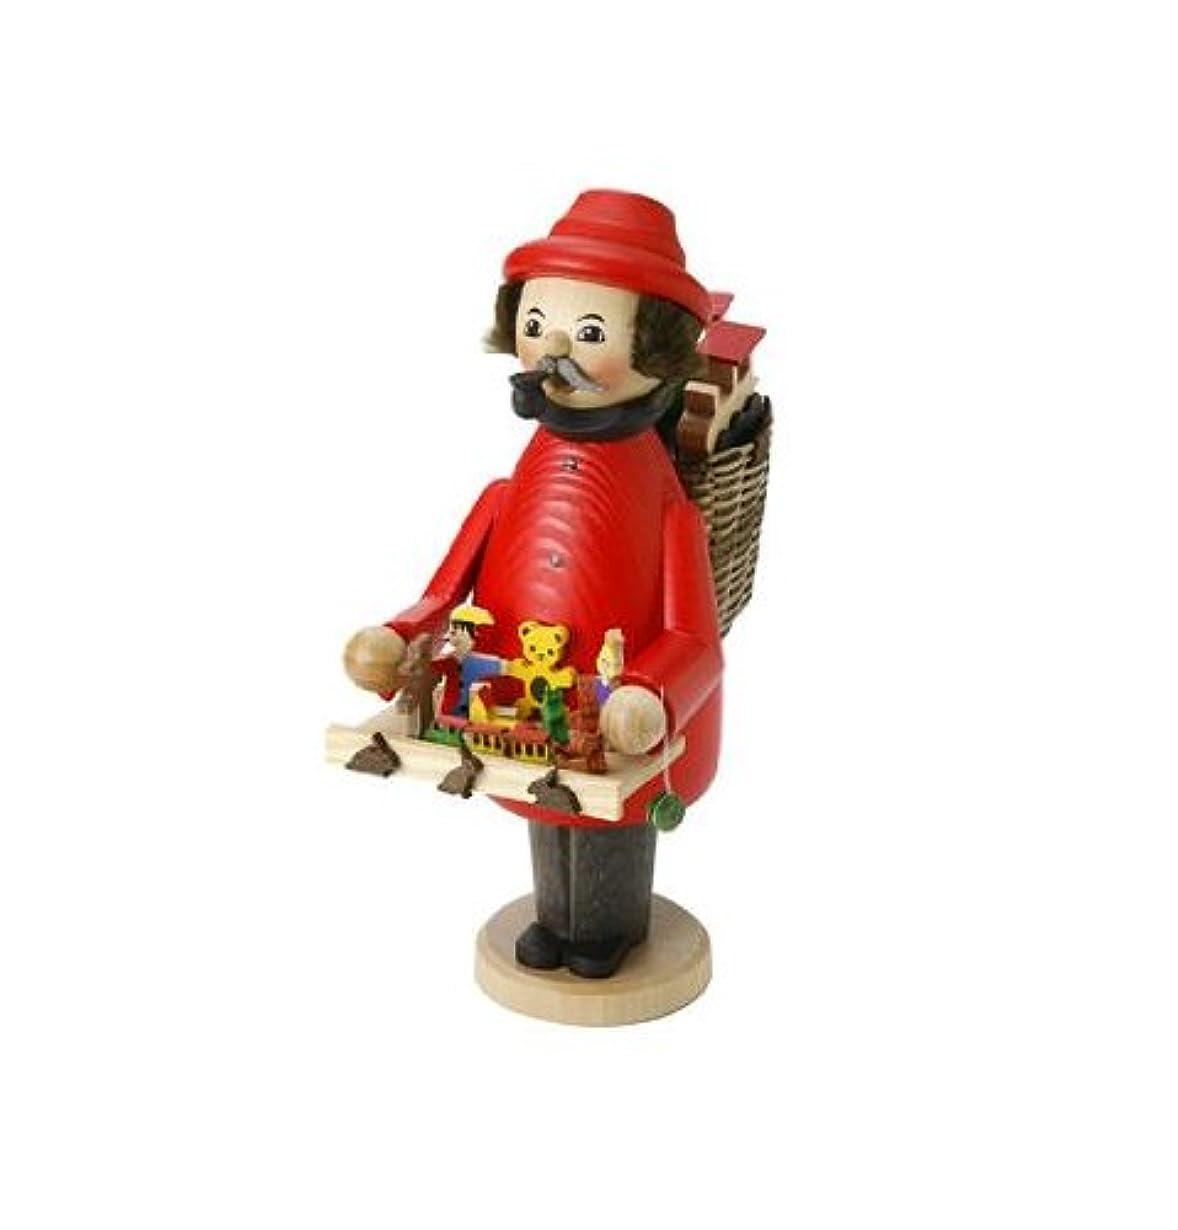 も好むバドミントンミニパイプ人形香炉 おもちゃ売り